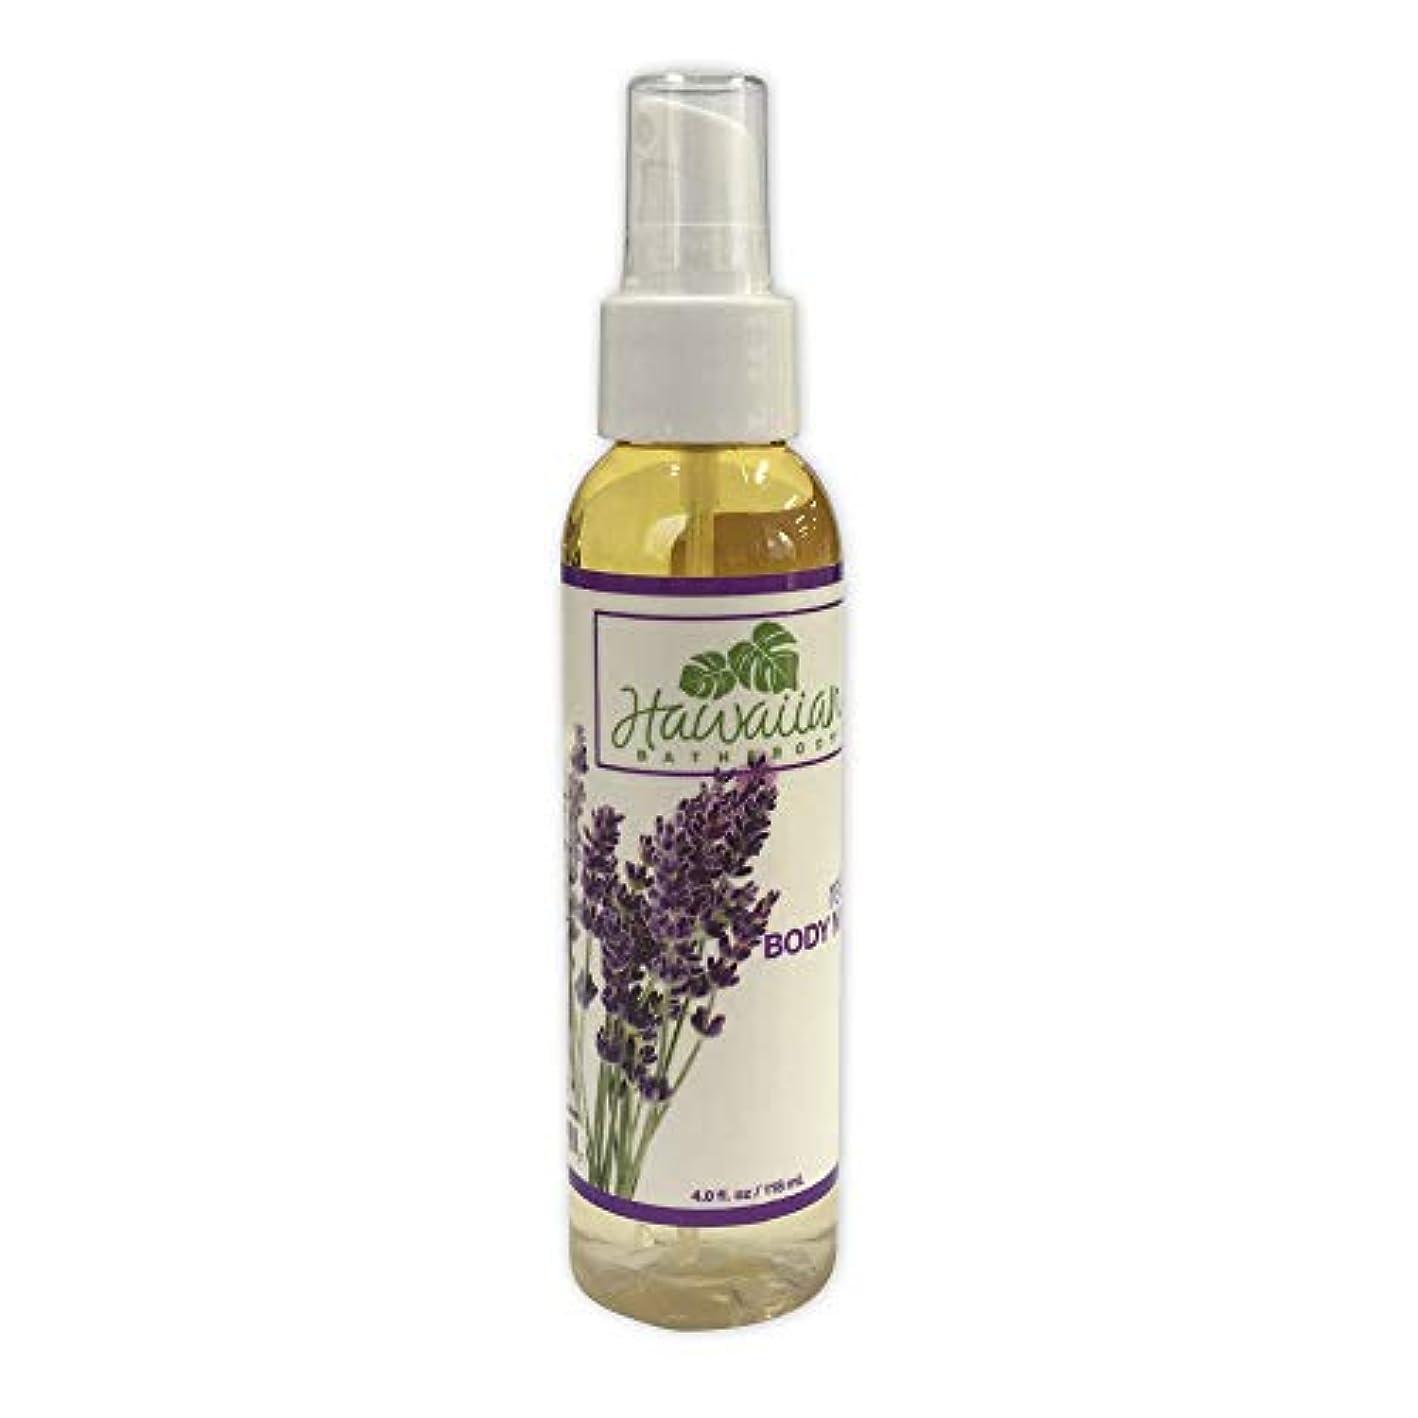 警戒アドバイスカーペットハワイアンバス&ボディ リラックス・アロマセラピー・ボディミスト118ml (Relax Aromatherapy Mist)